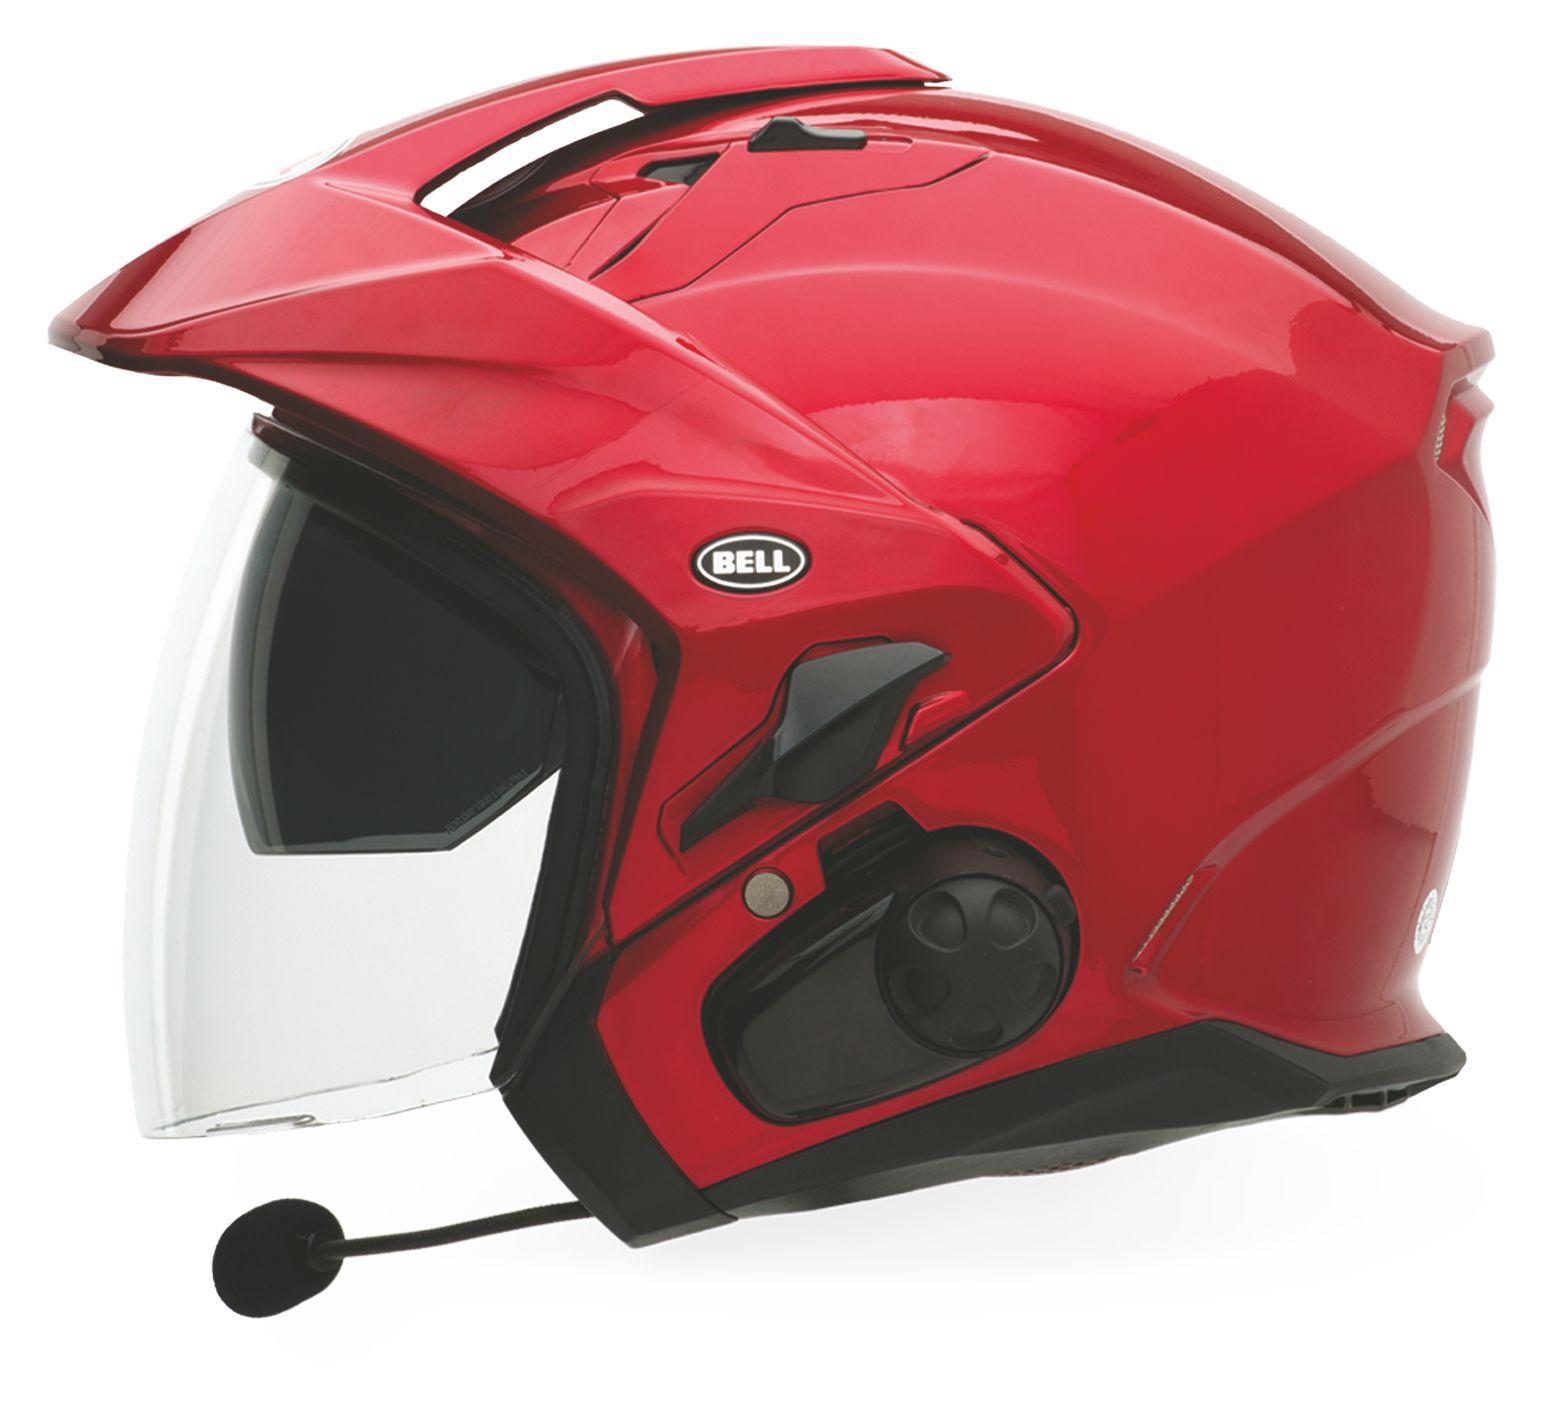 Bell Mag-9 SENA Motorcycle Helmet